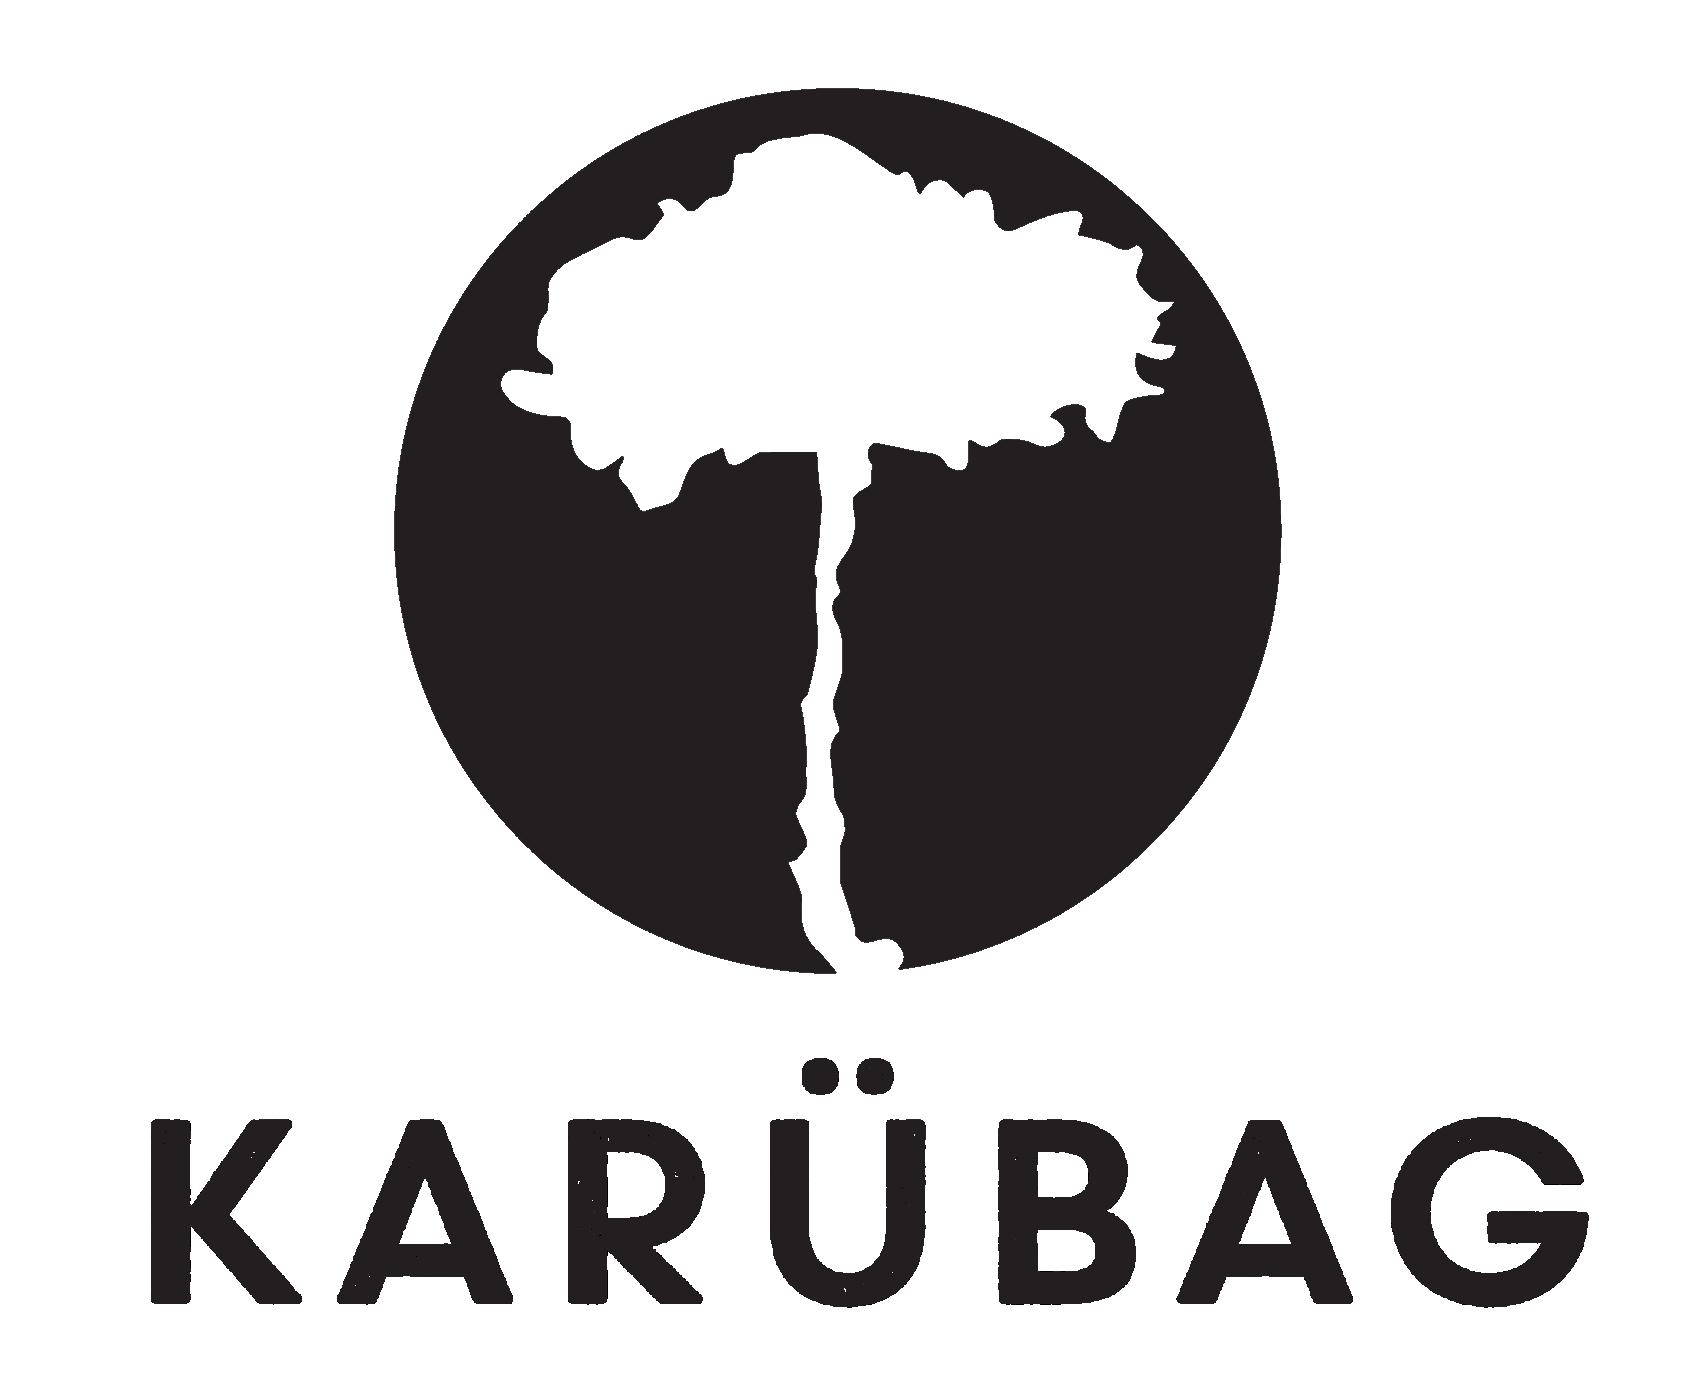 Karubag